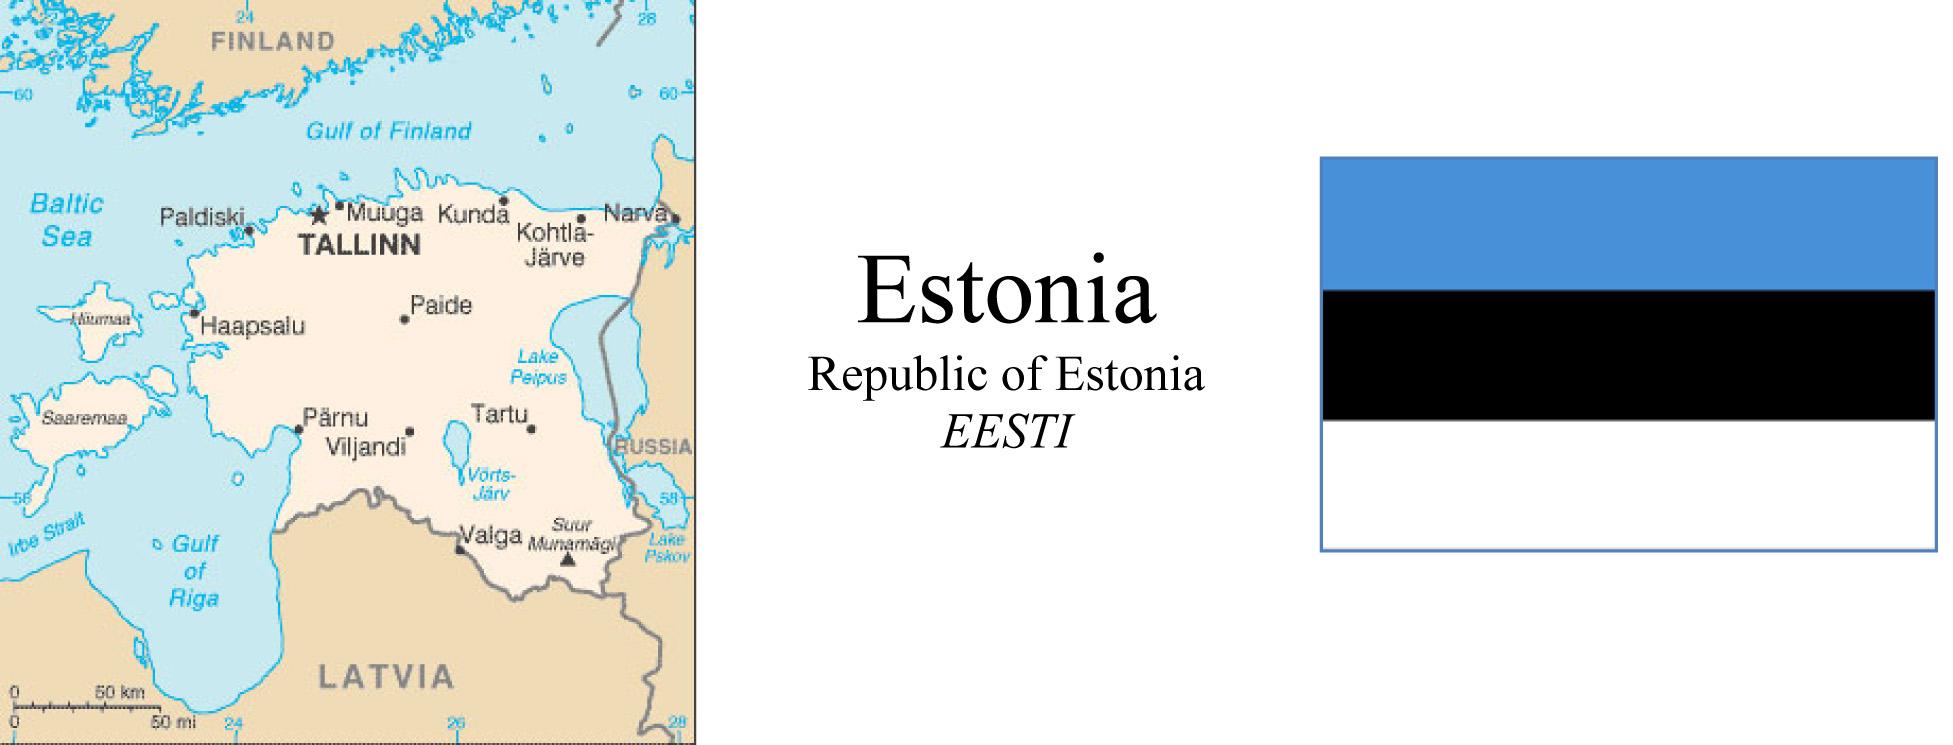 Estonia Map & Flag